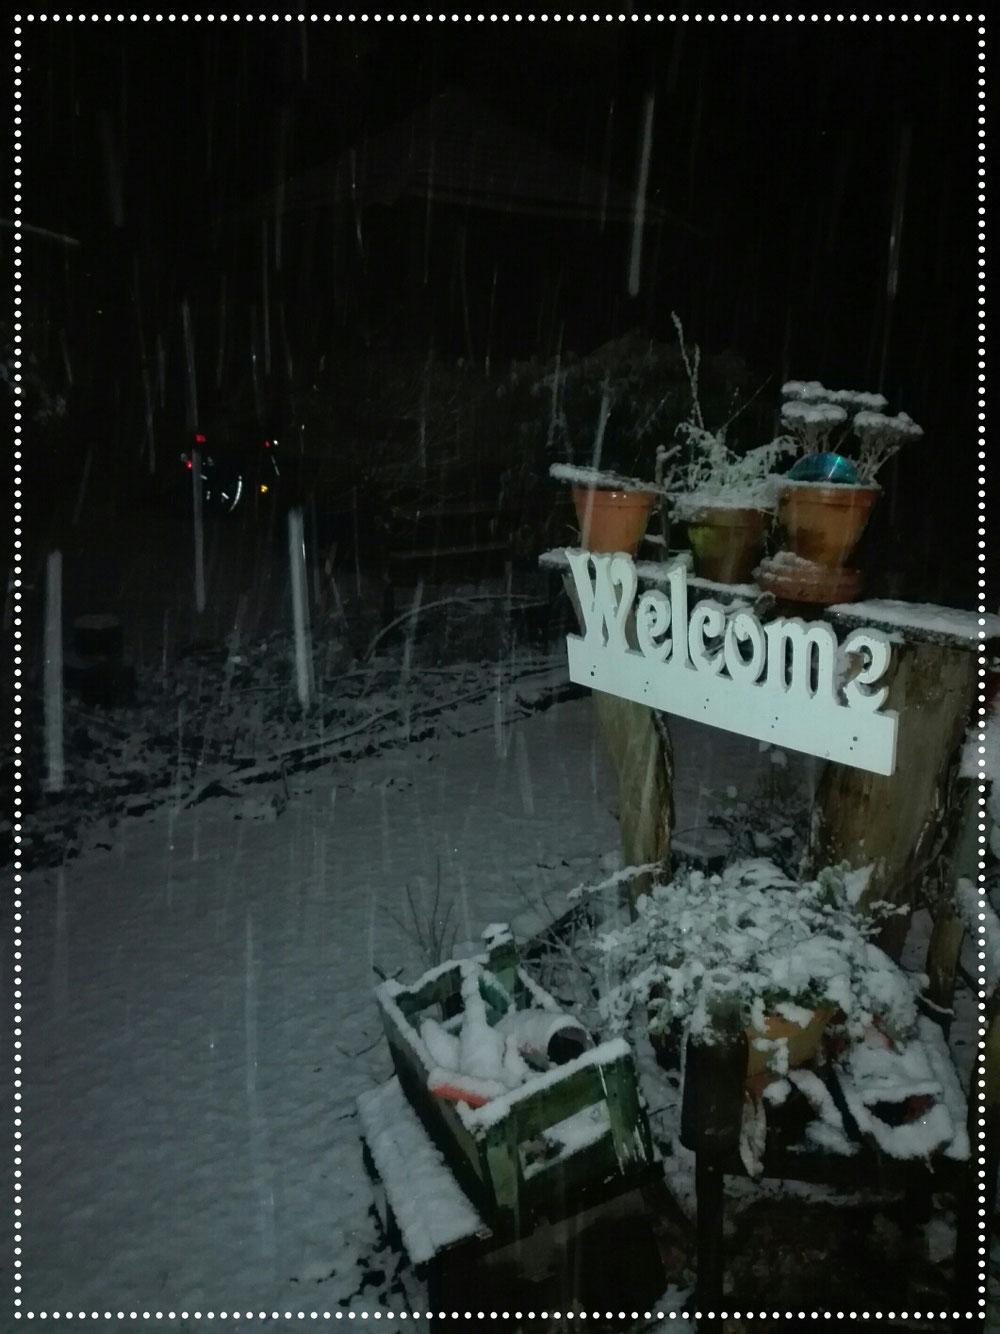 Und heute gab es Schnee